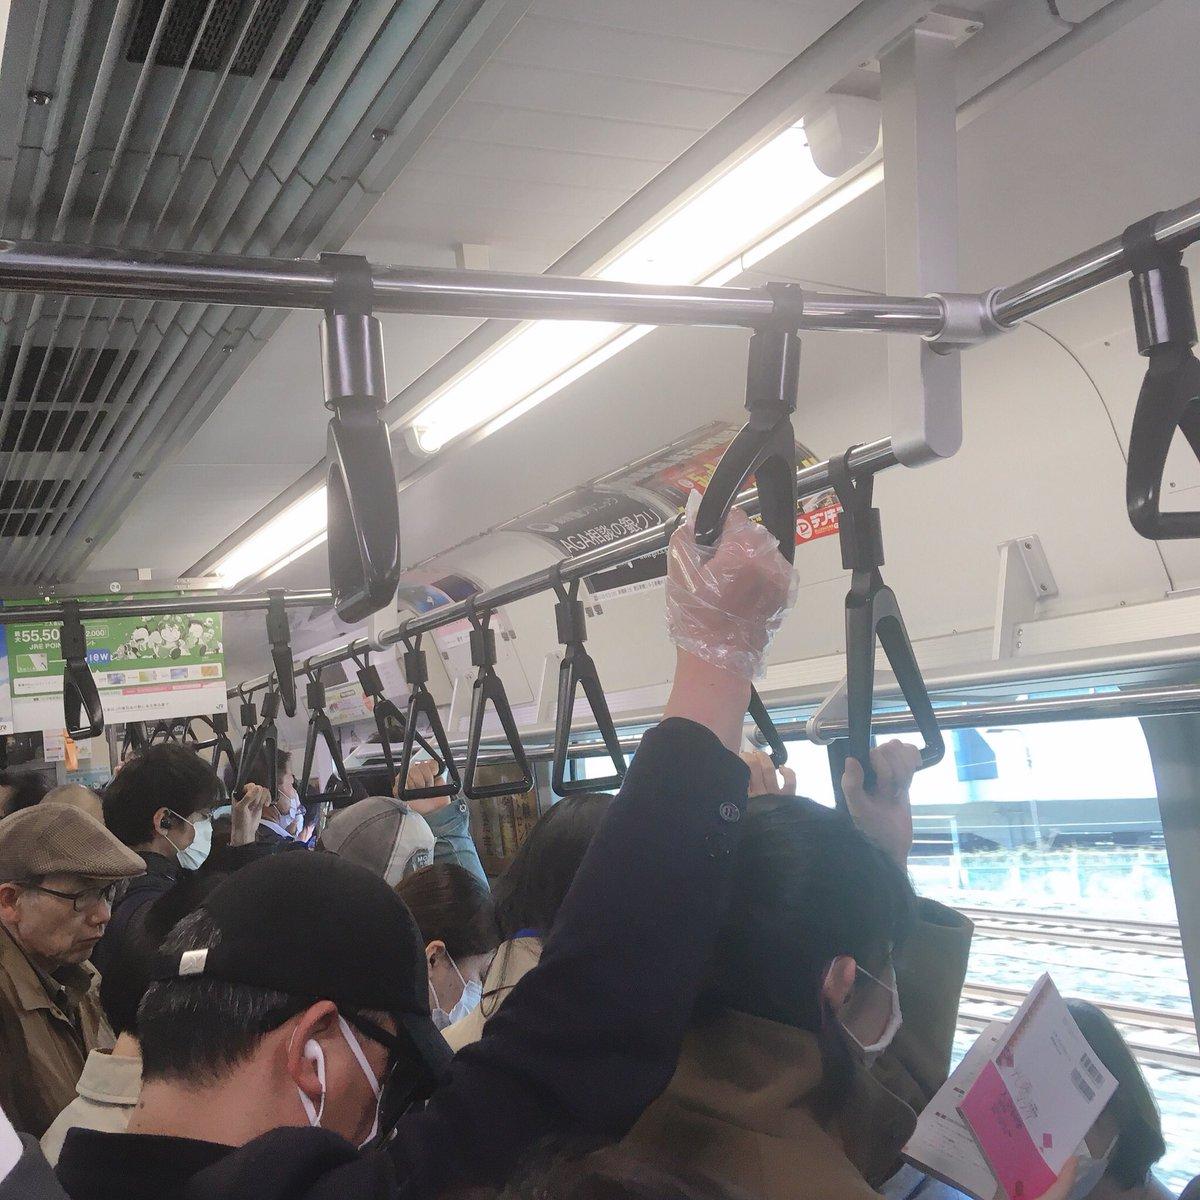 今朝の上野東京ライン(赤羽〜尾久)はこんな感じです。 休日自粛してる意味ない。 #コロナ #緊急事態宣言 #満員電車pic.twitter.com/Ls2XK6al7o